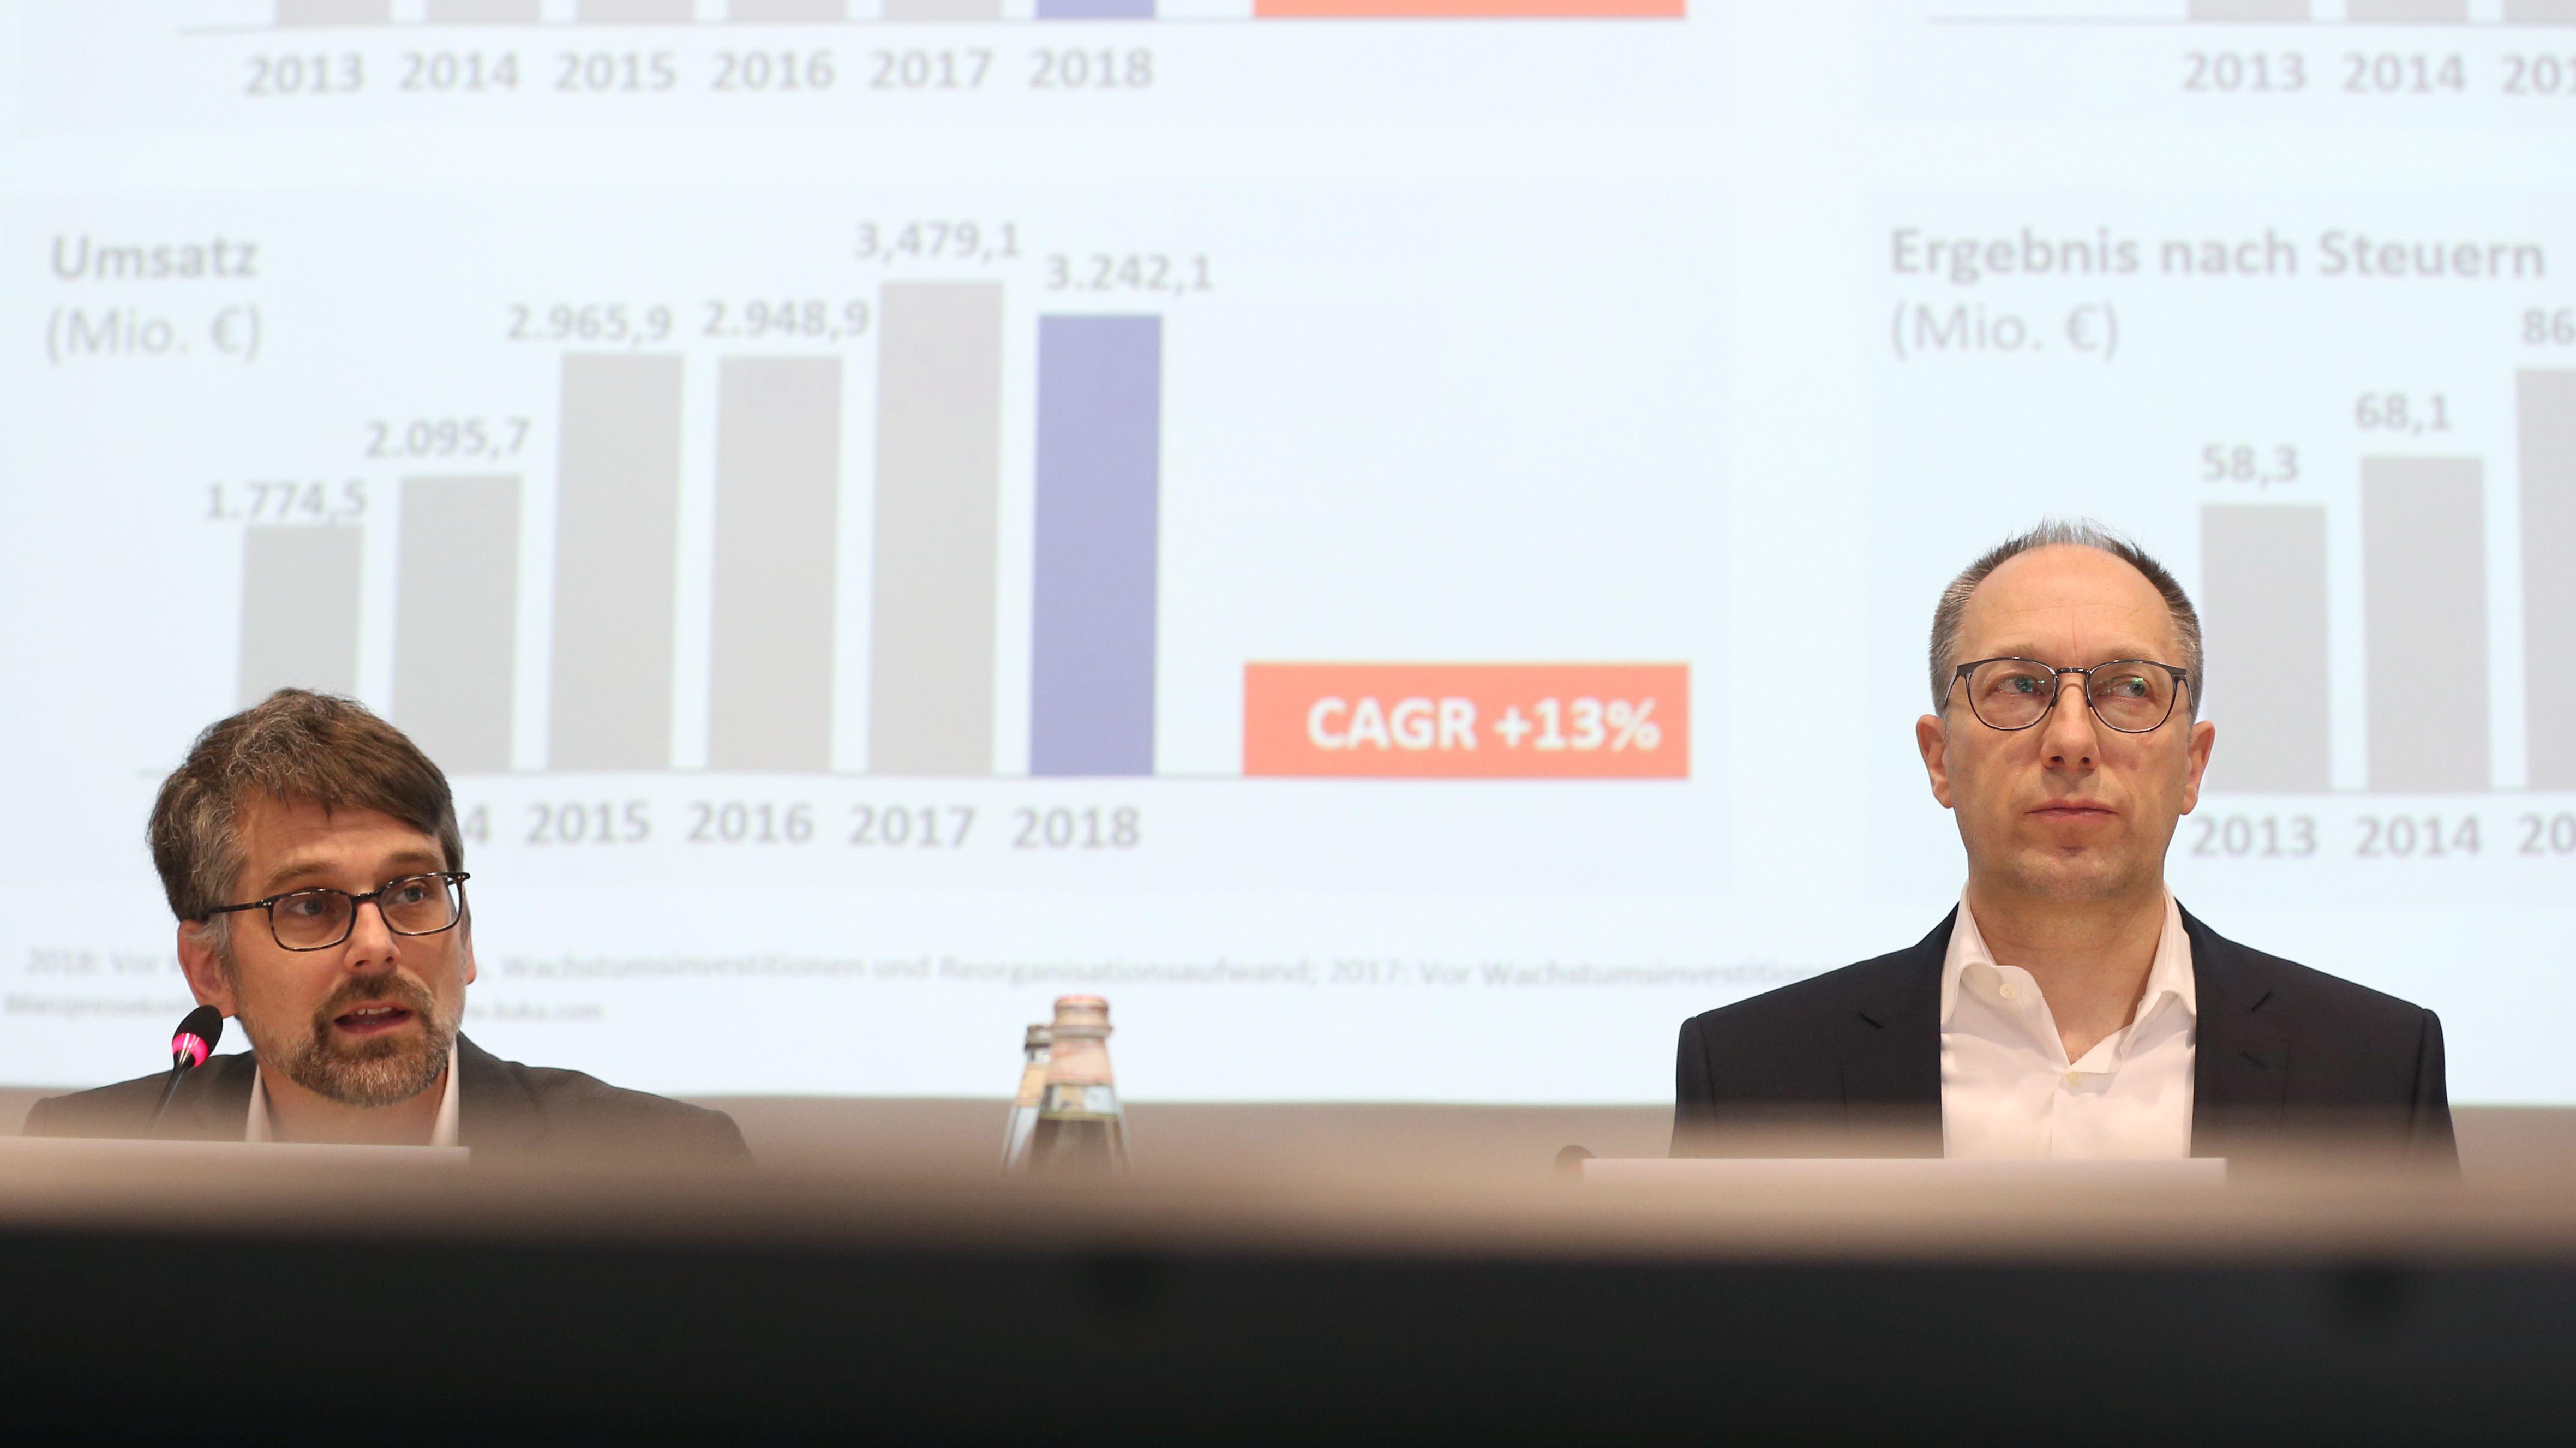 Kuka Finanzvorstand Andreas Pabst (links) und Vorstandschef Peter Mohnen bei einer Bilanz-Pressekonferenz im März